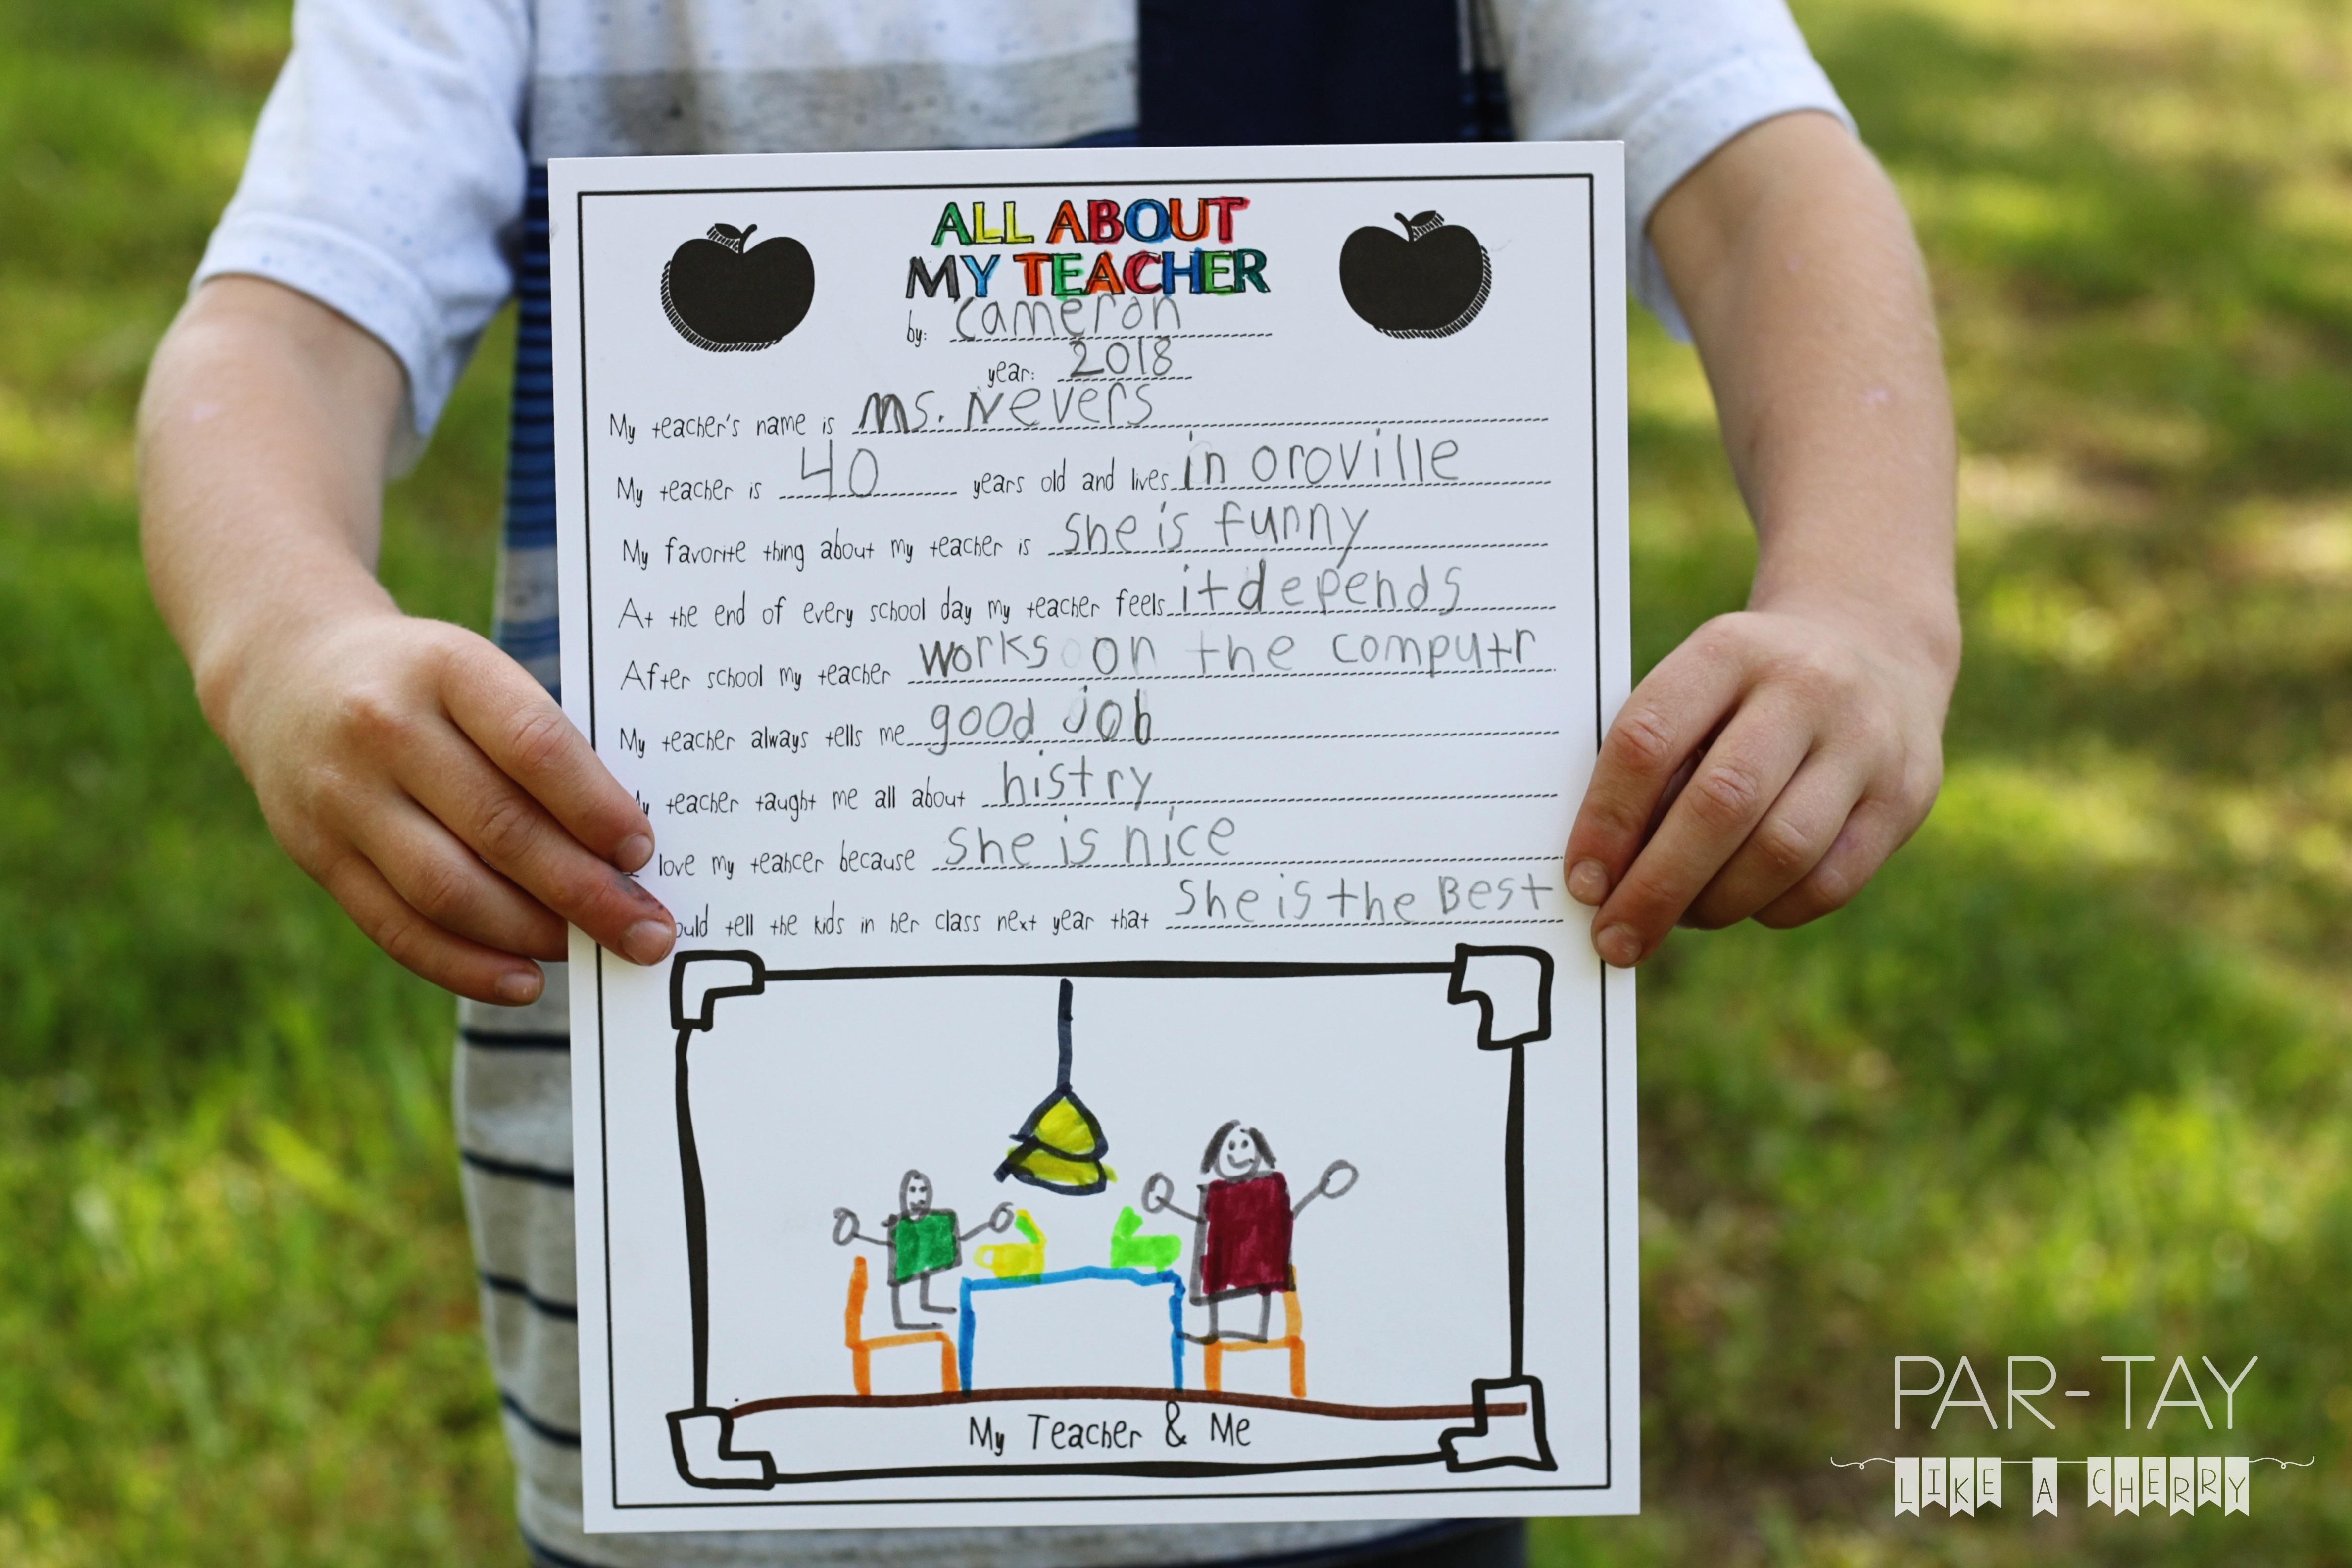 All About My Teacher- Free Teacher Appreciation Printable - Party - All About My Teacher Free Printable